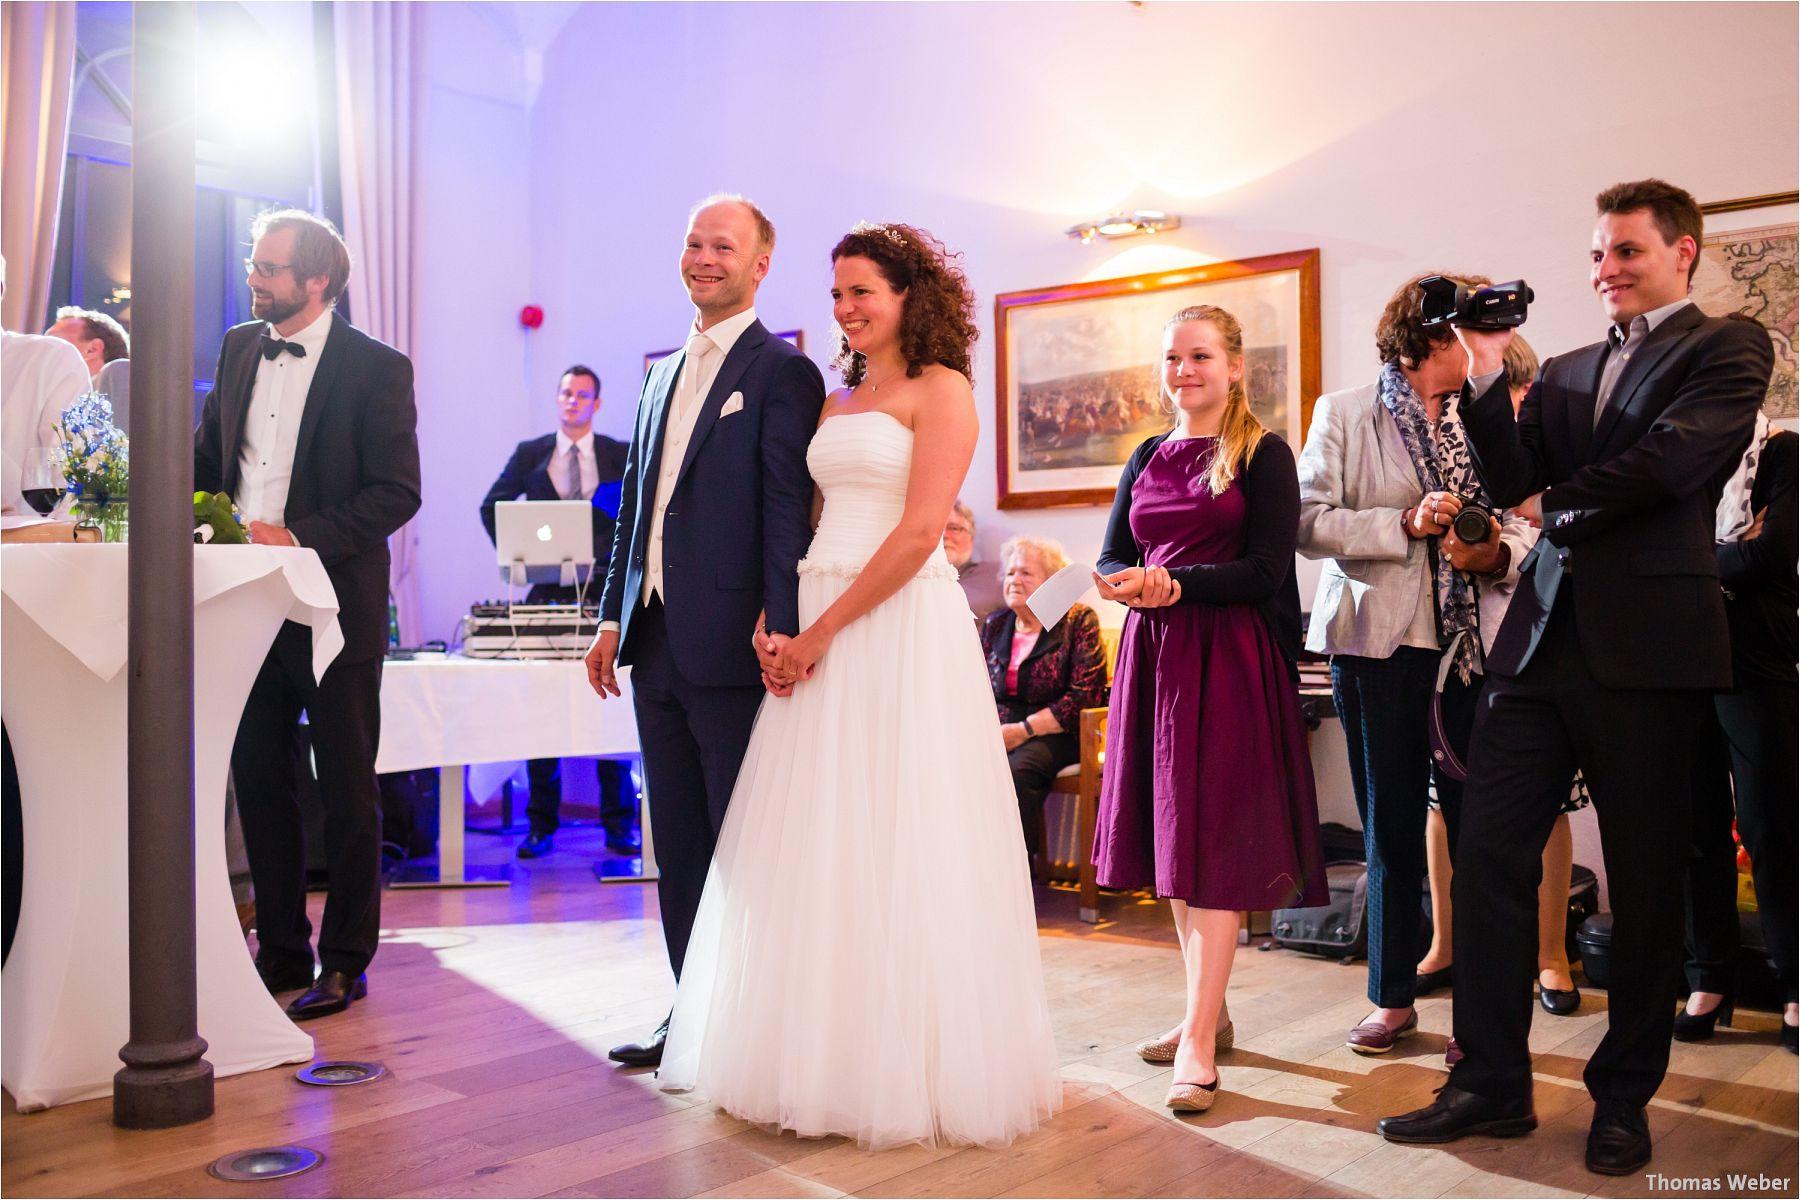 Fotograf Thomas Weber aus Oldenburg: Hochzeitsreportage an der Ostsee